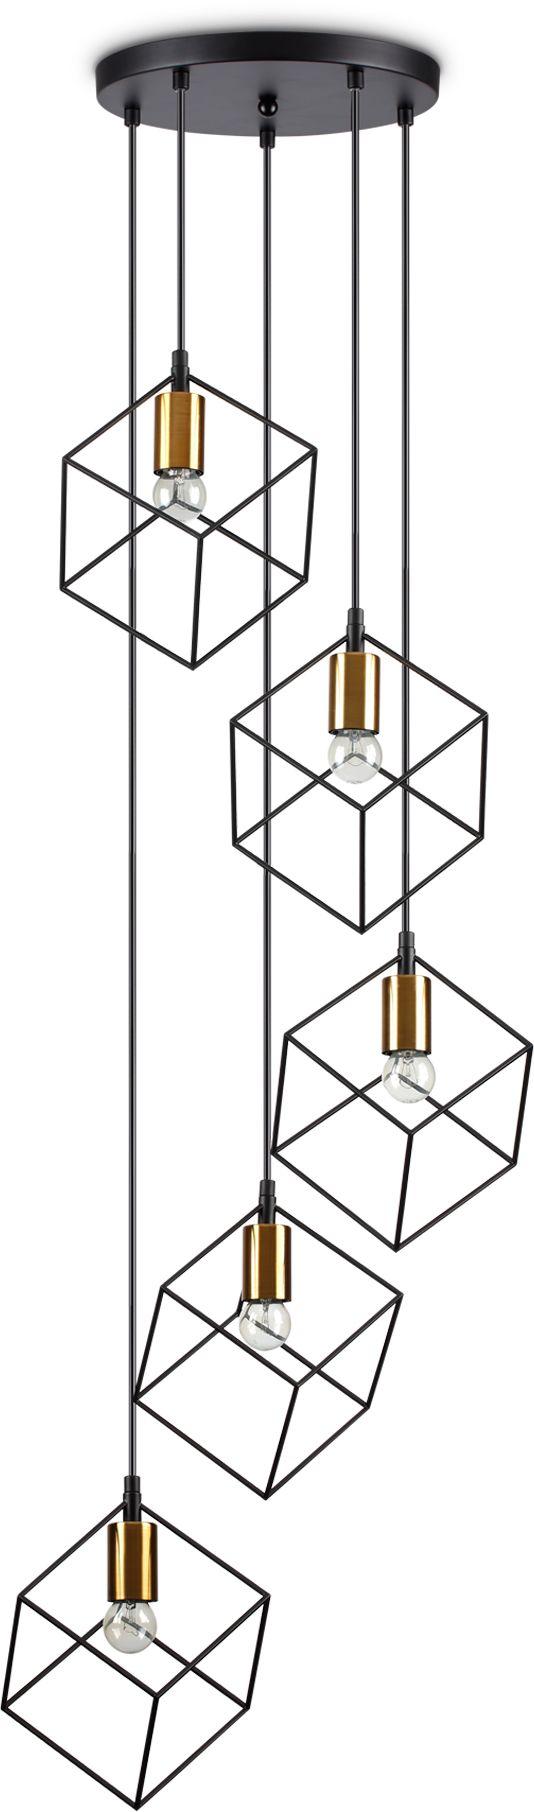 Lampa wisząca Ice 237664 Ideal Lux nowoczesna oprawa w kolorze czerni i złota